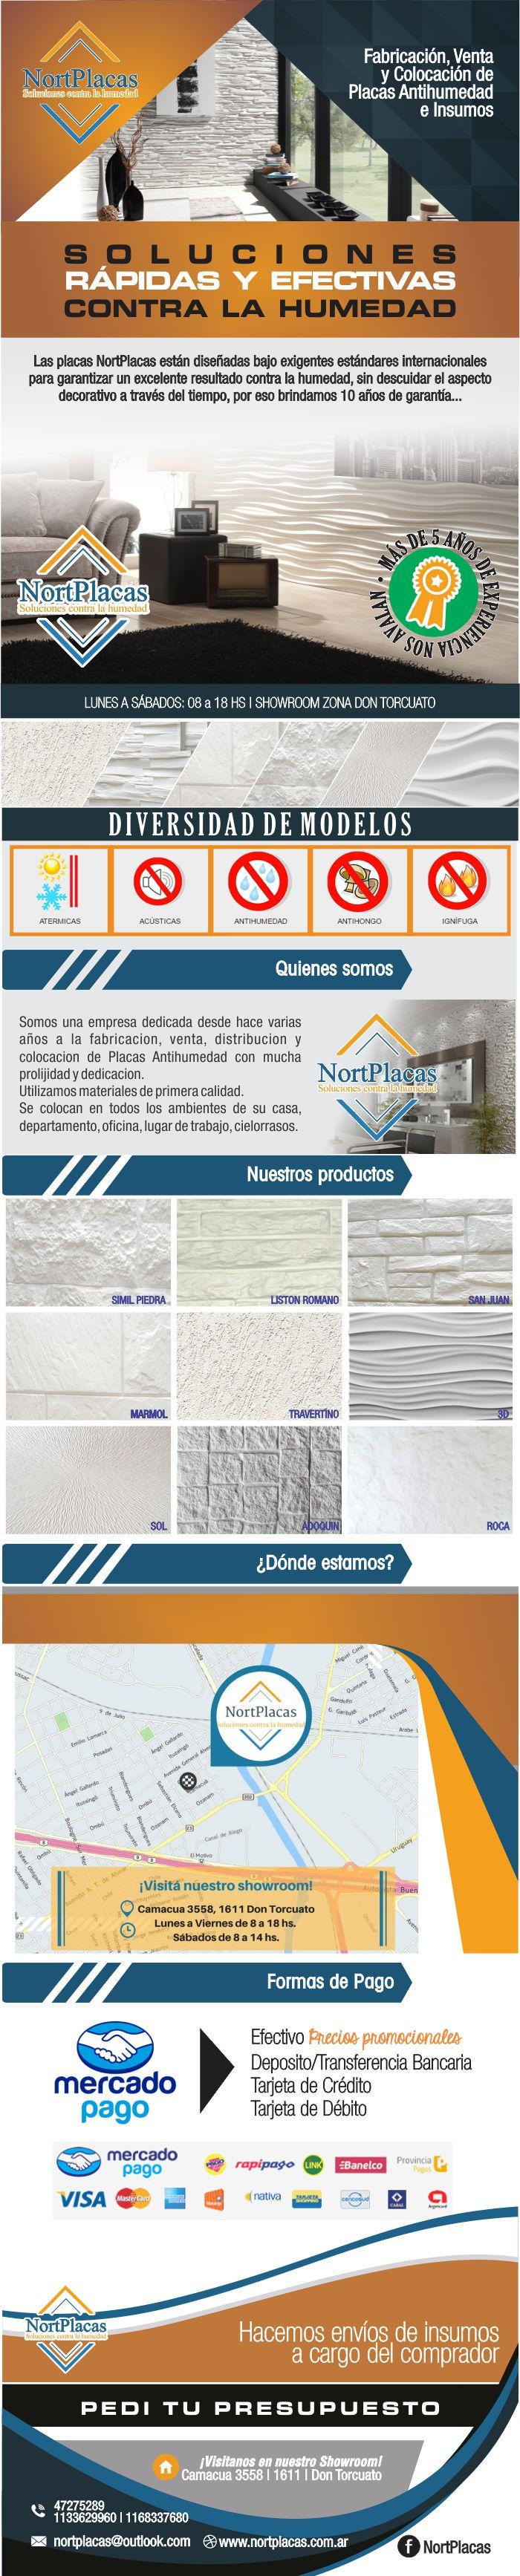 Plantilla Mercado Libre NortPlacas